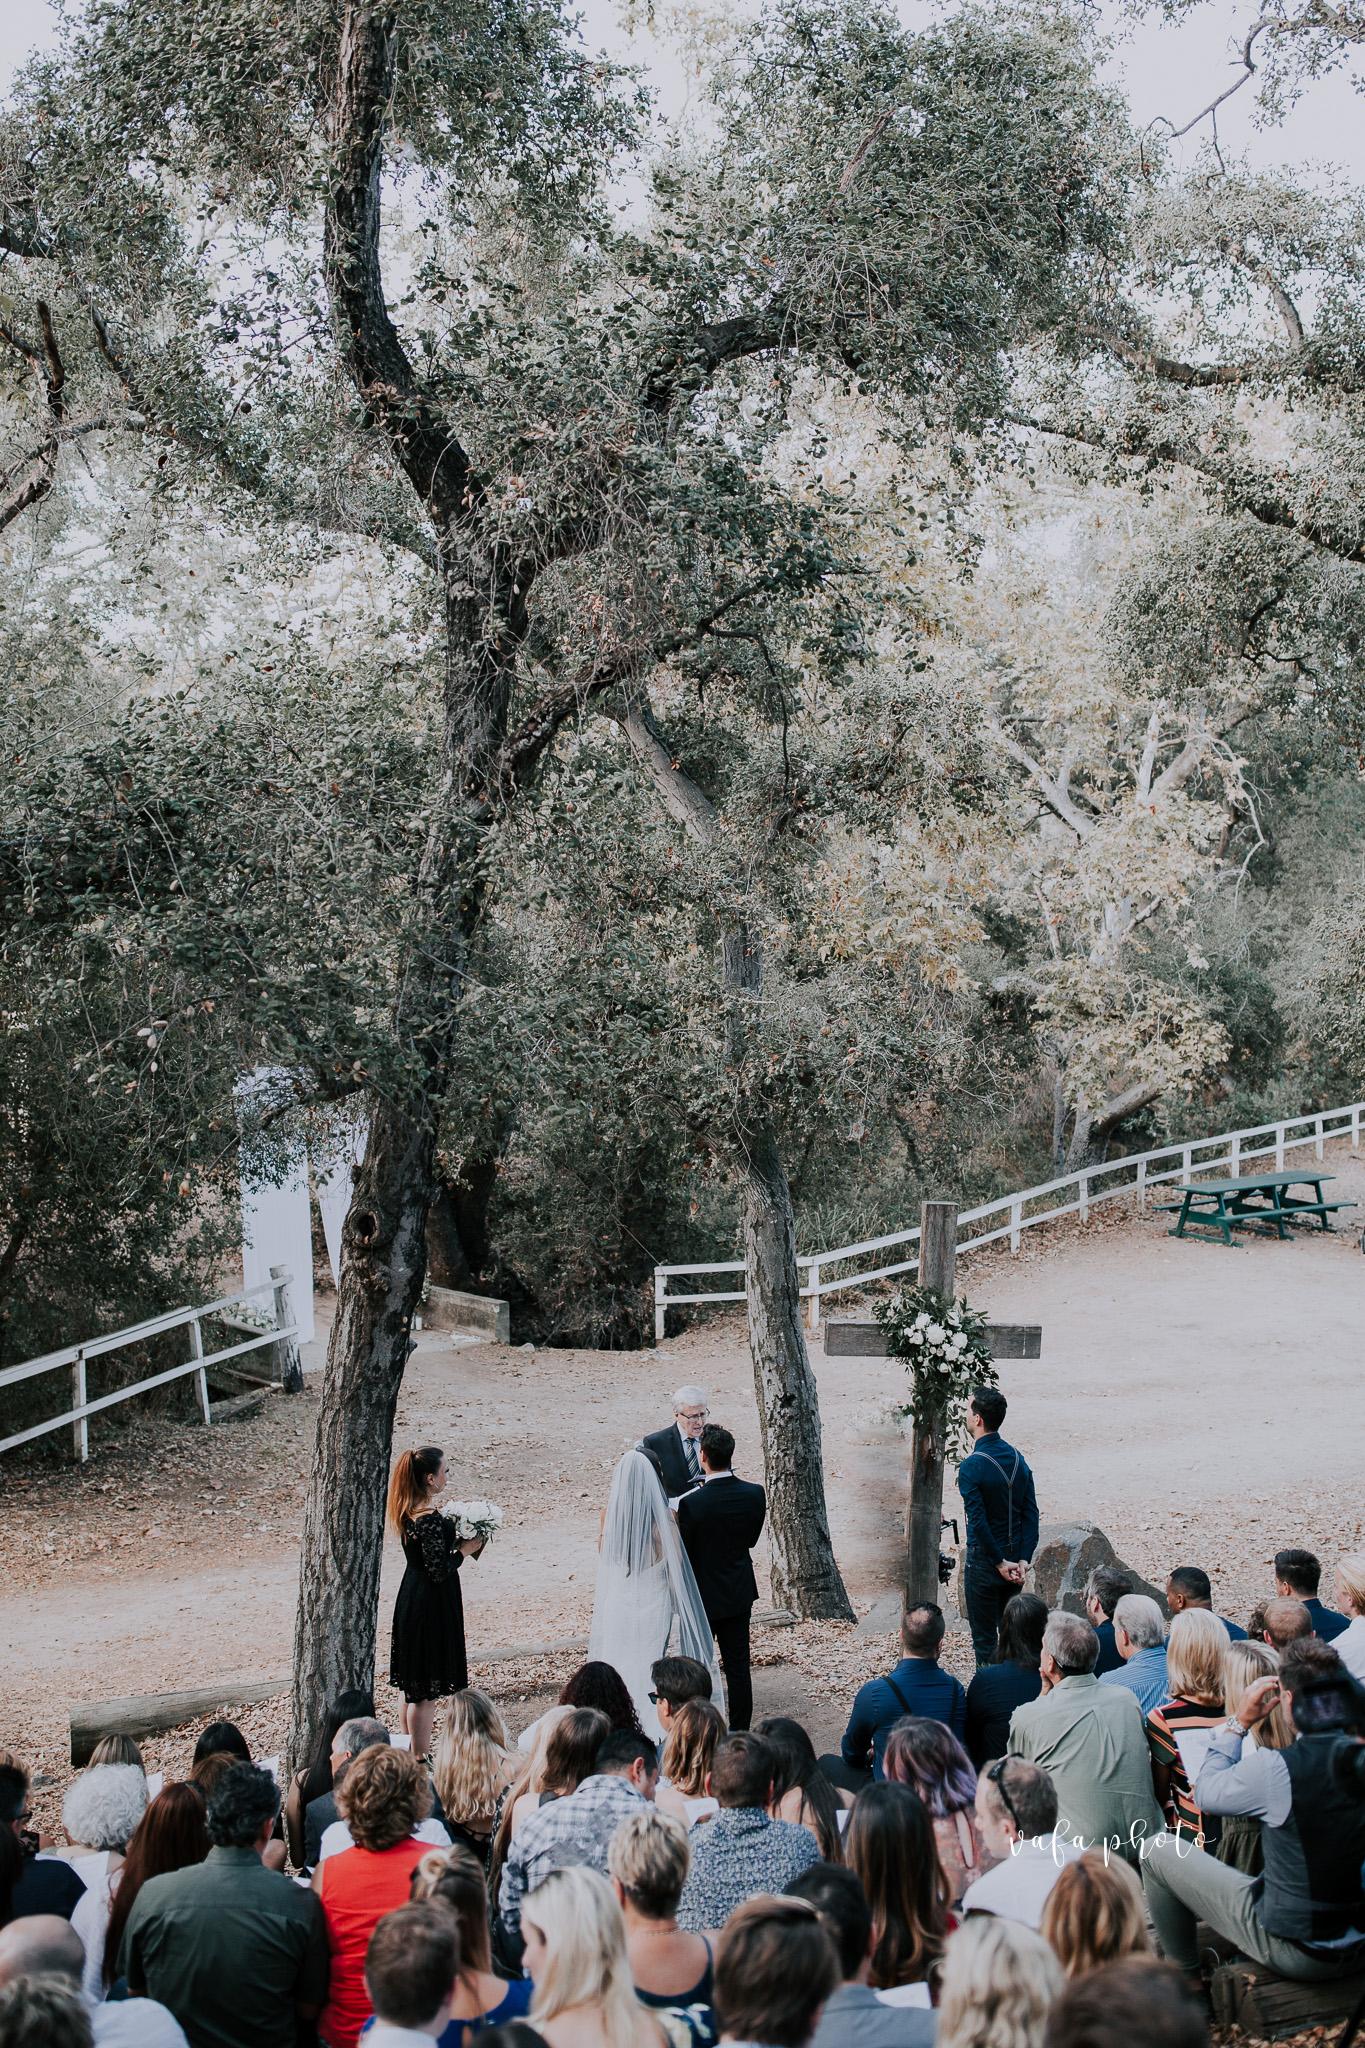 Southern-California-Wedding-Britt-Nilsson-Jeremy-Byrne-Vafa-Photo-412.jpg